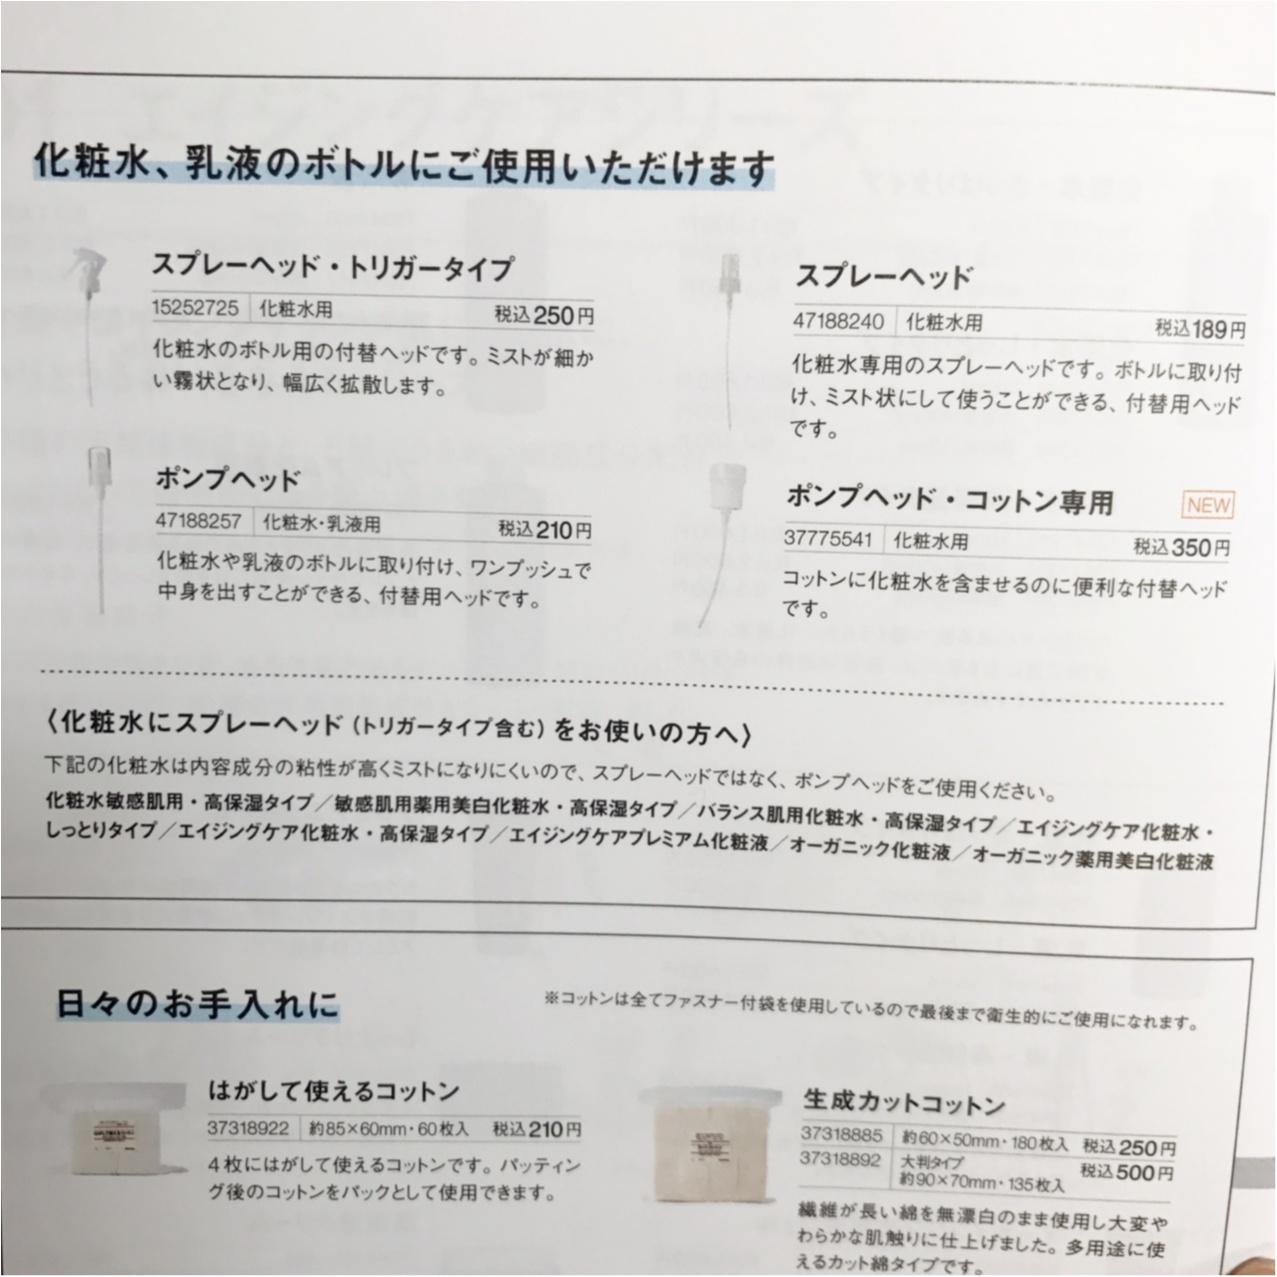 【無印良品】たった210円!いつものスキンケアがもっと使いやすくなるカスタマイズアイテム❤︎_6